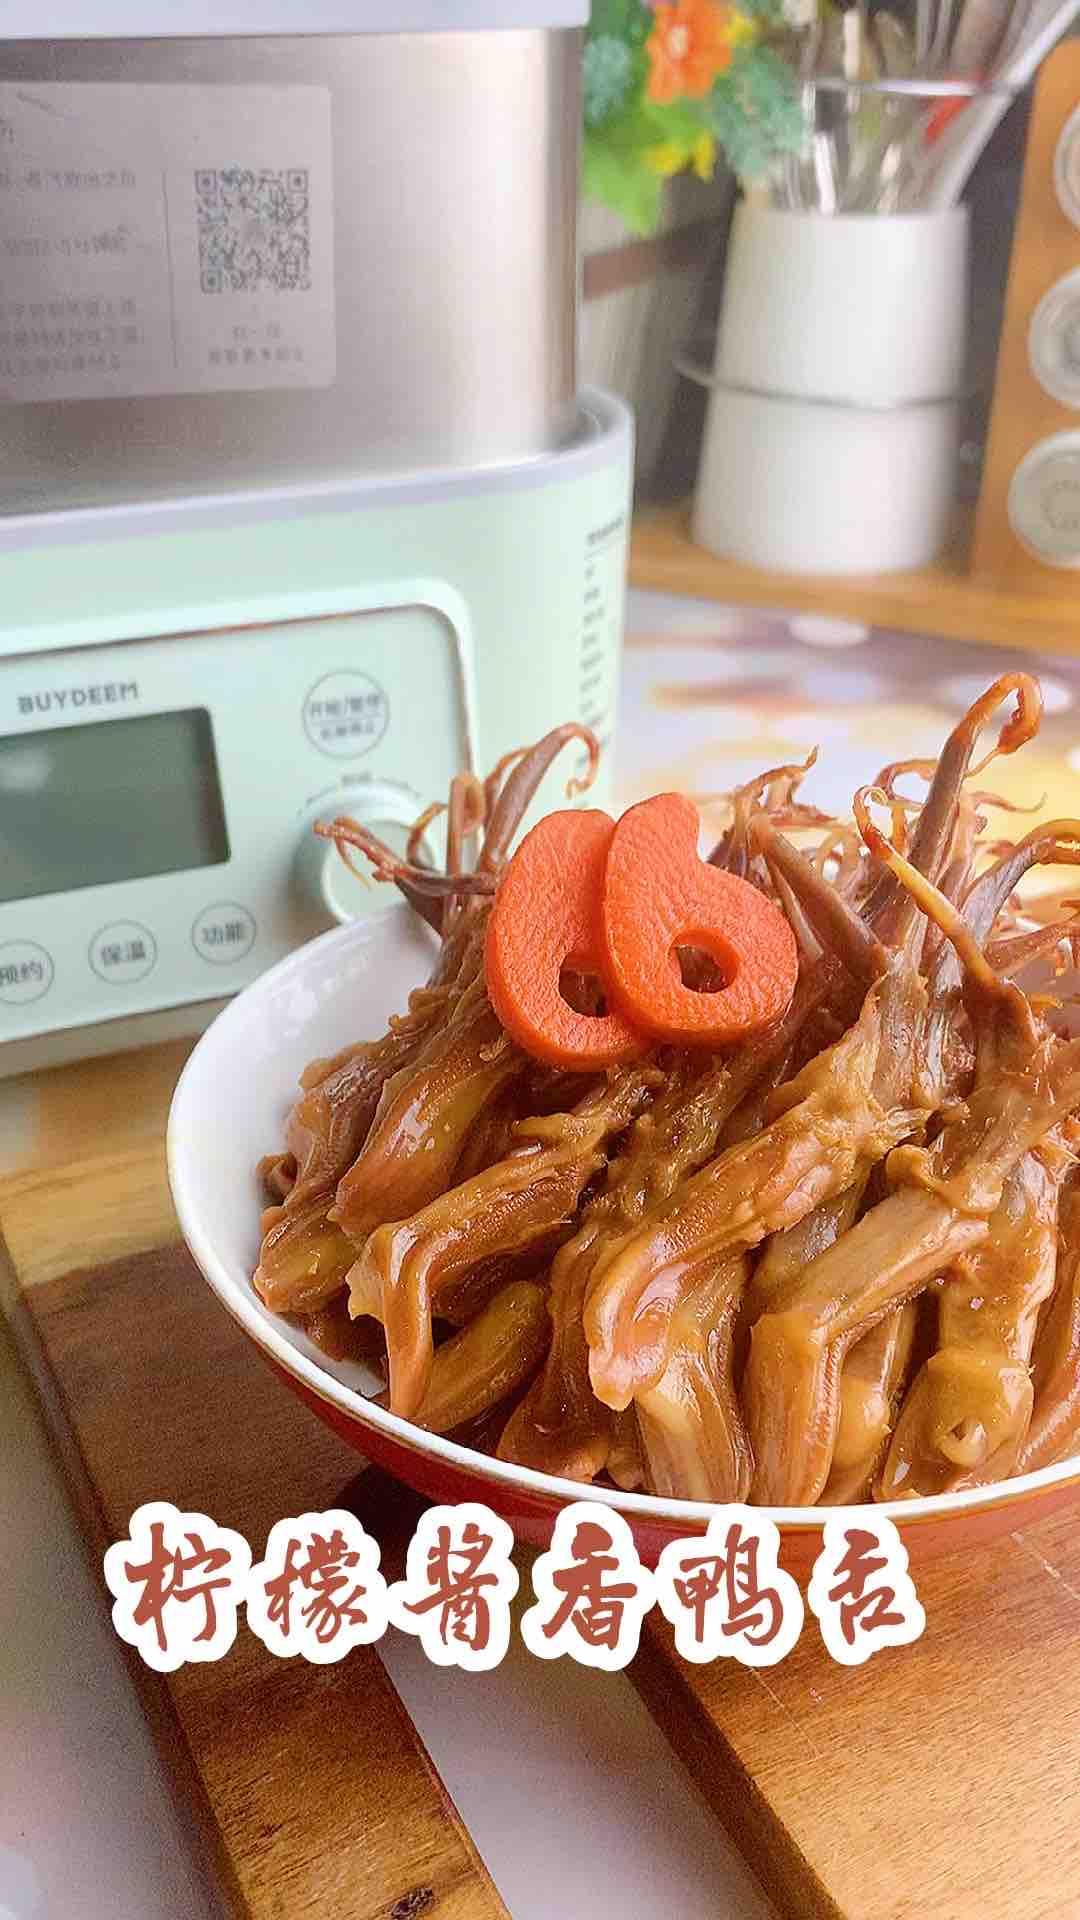 温州人年菜里少不了的冷盘,寓意好味道好